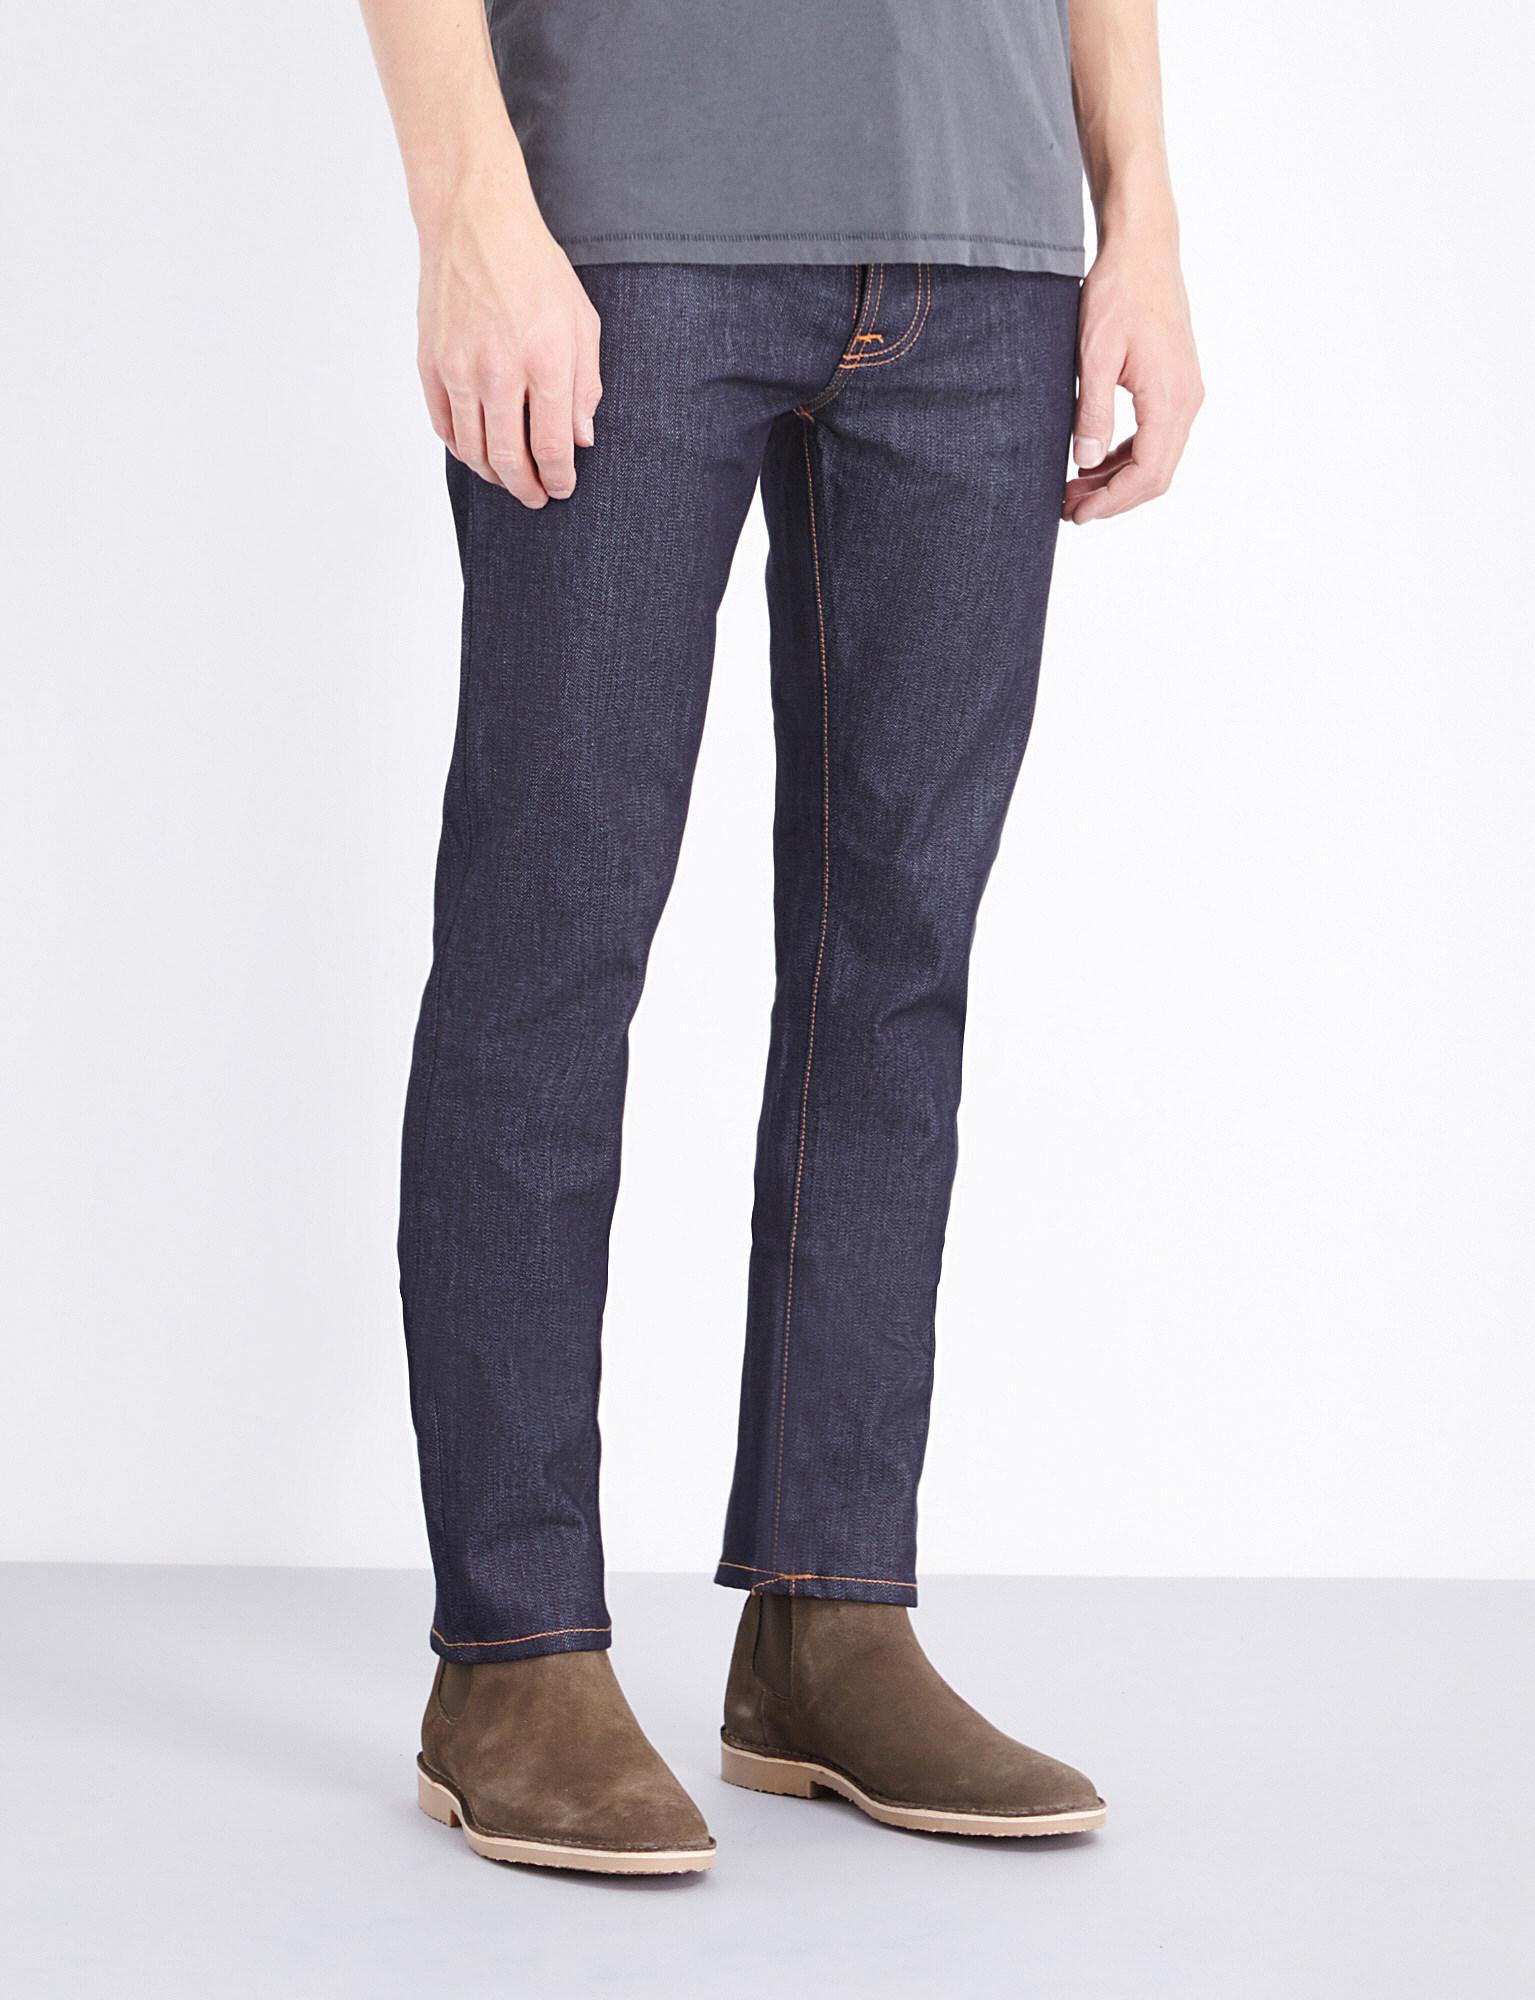 lyst nudie jeans grim tim regular fit straight leg jeans in blue for men. Black Bedroom Furniture Sets. Home Design Ideas